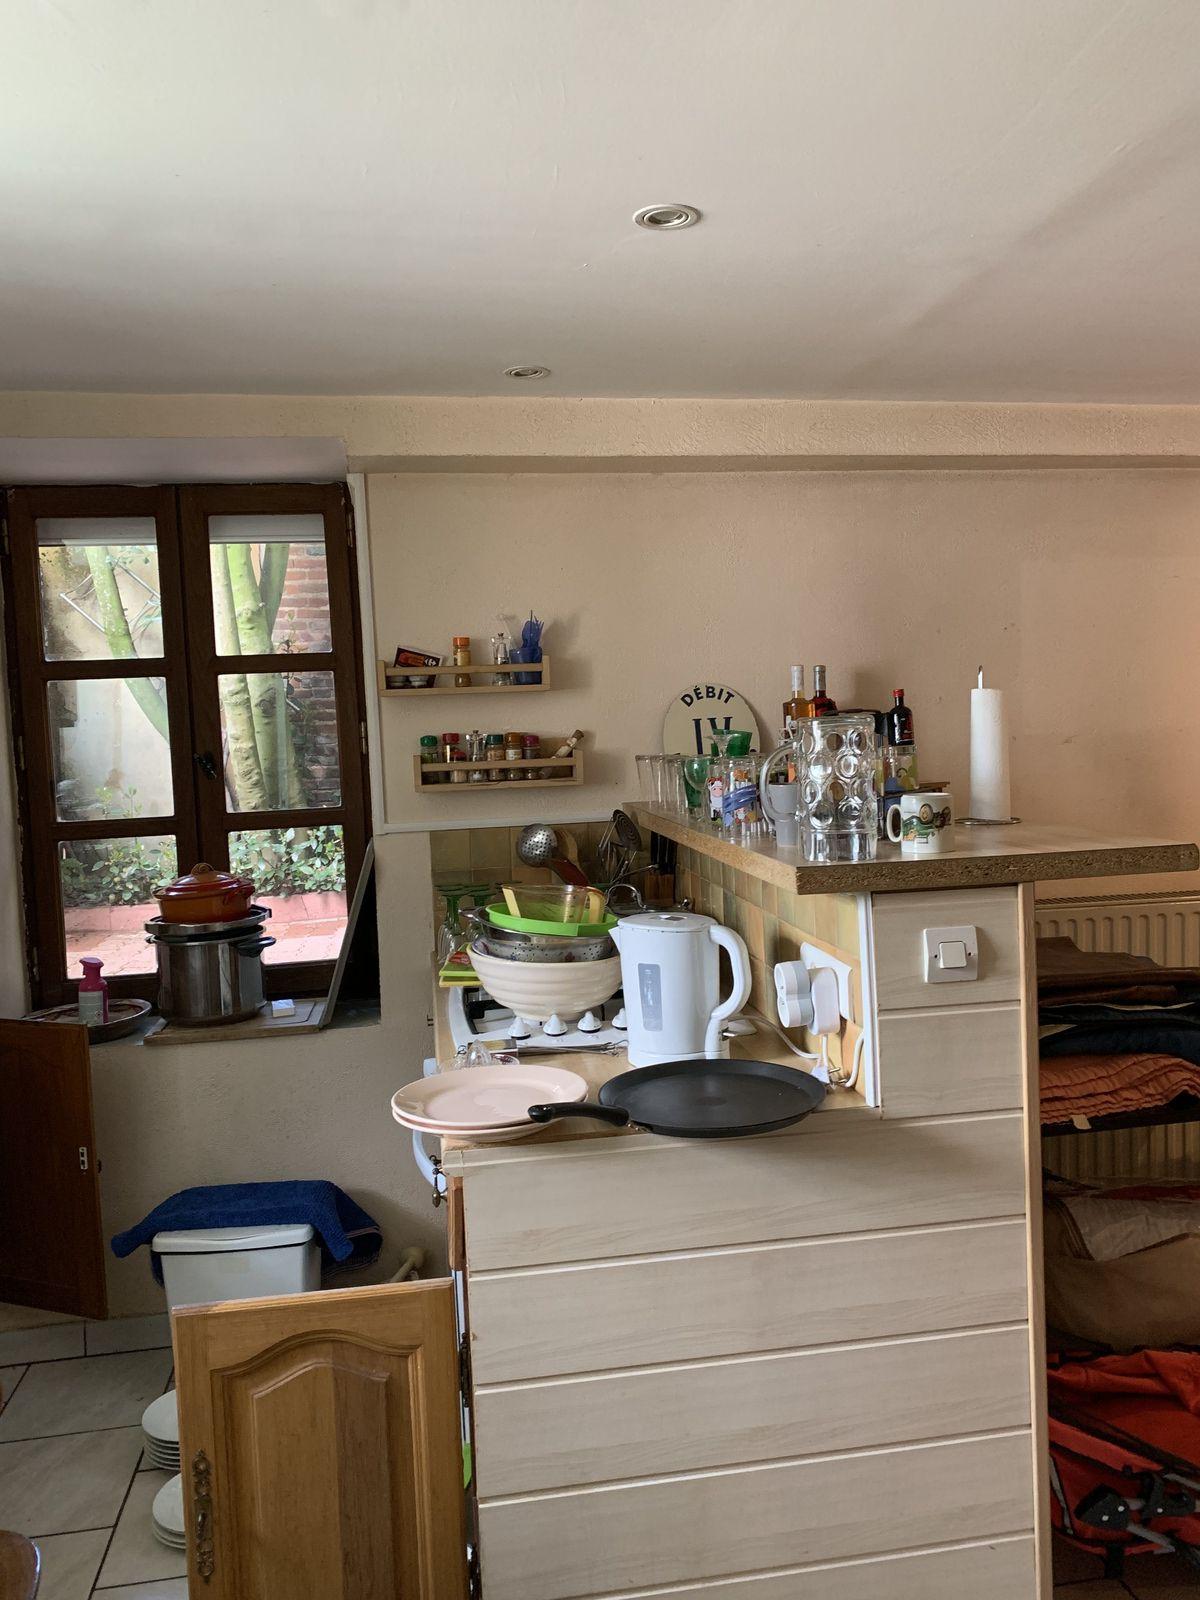 J'organise la cuisine avec la vaisselle assortie